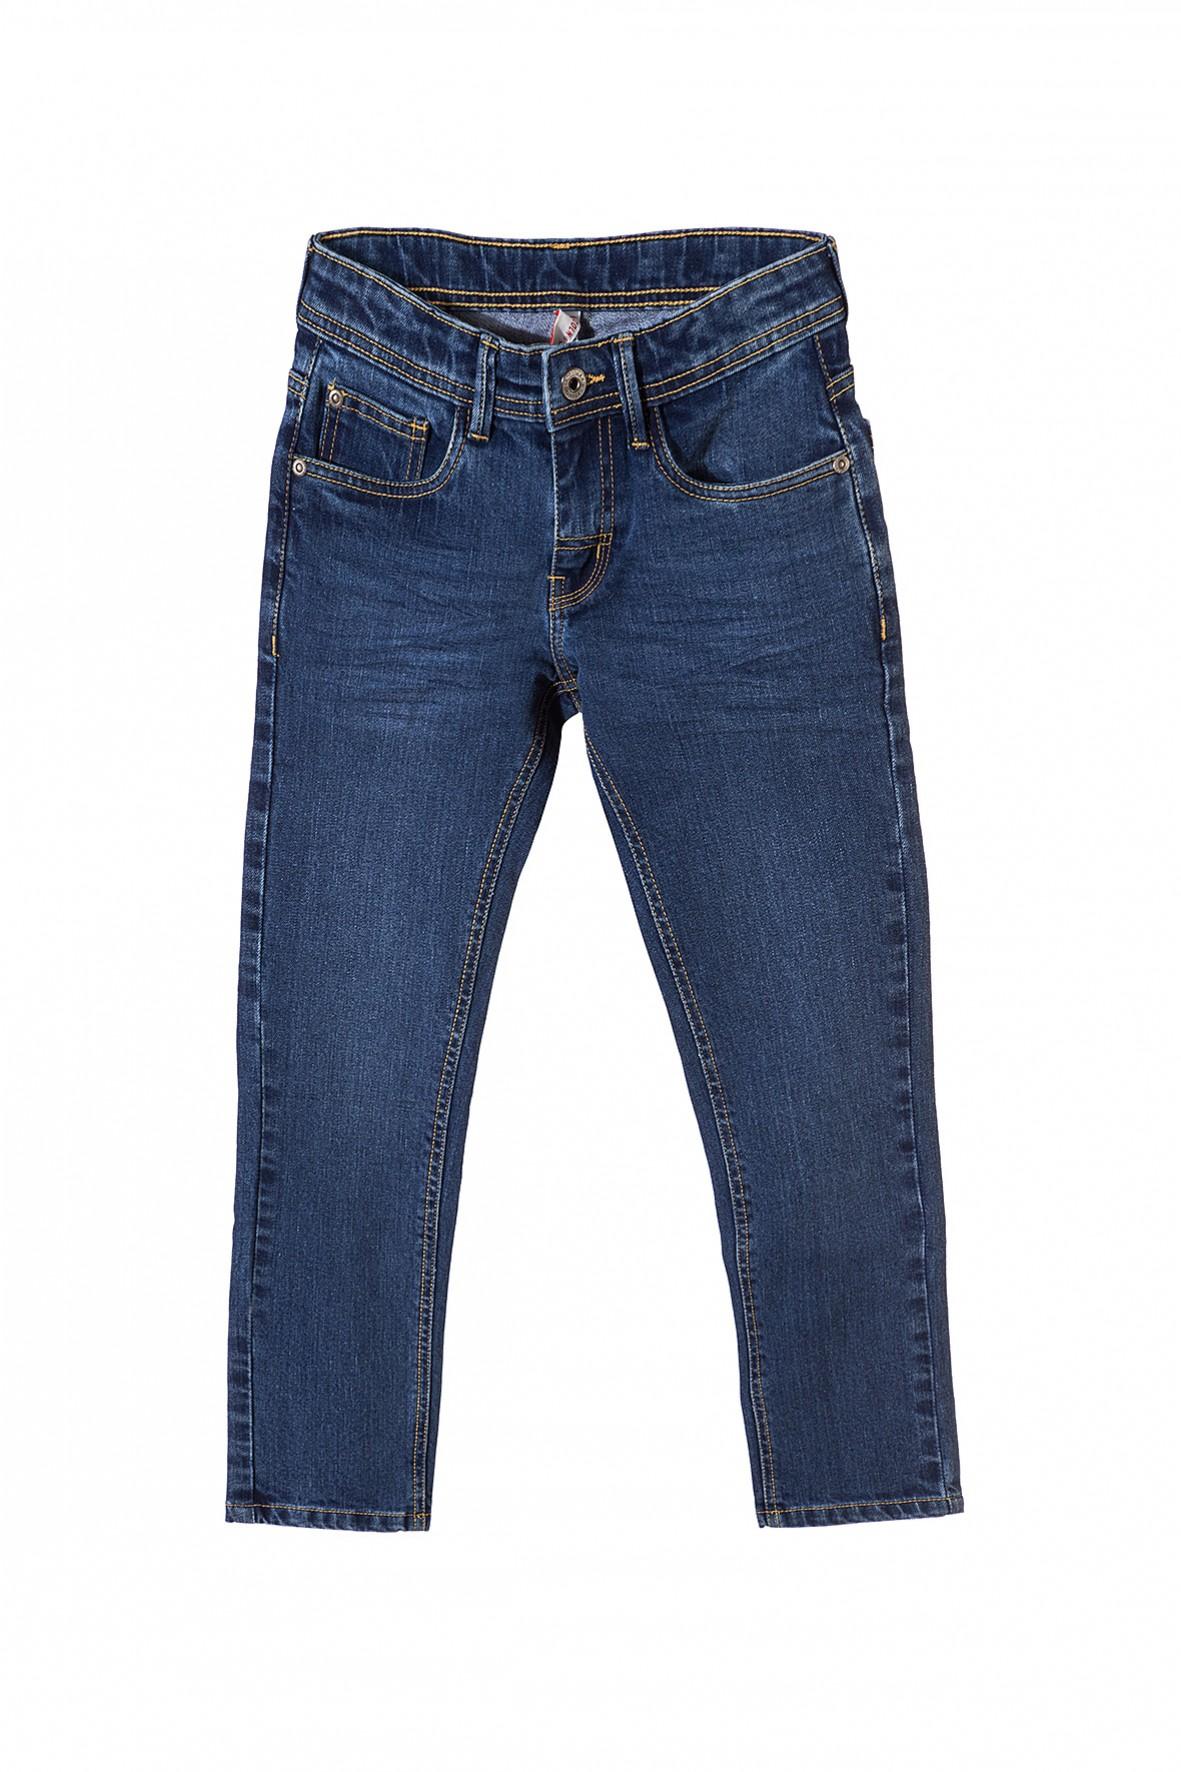 Spodnie chłopięce jeansowe 2L3403